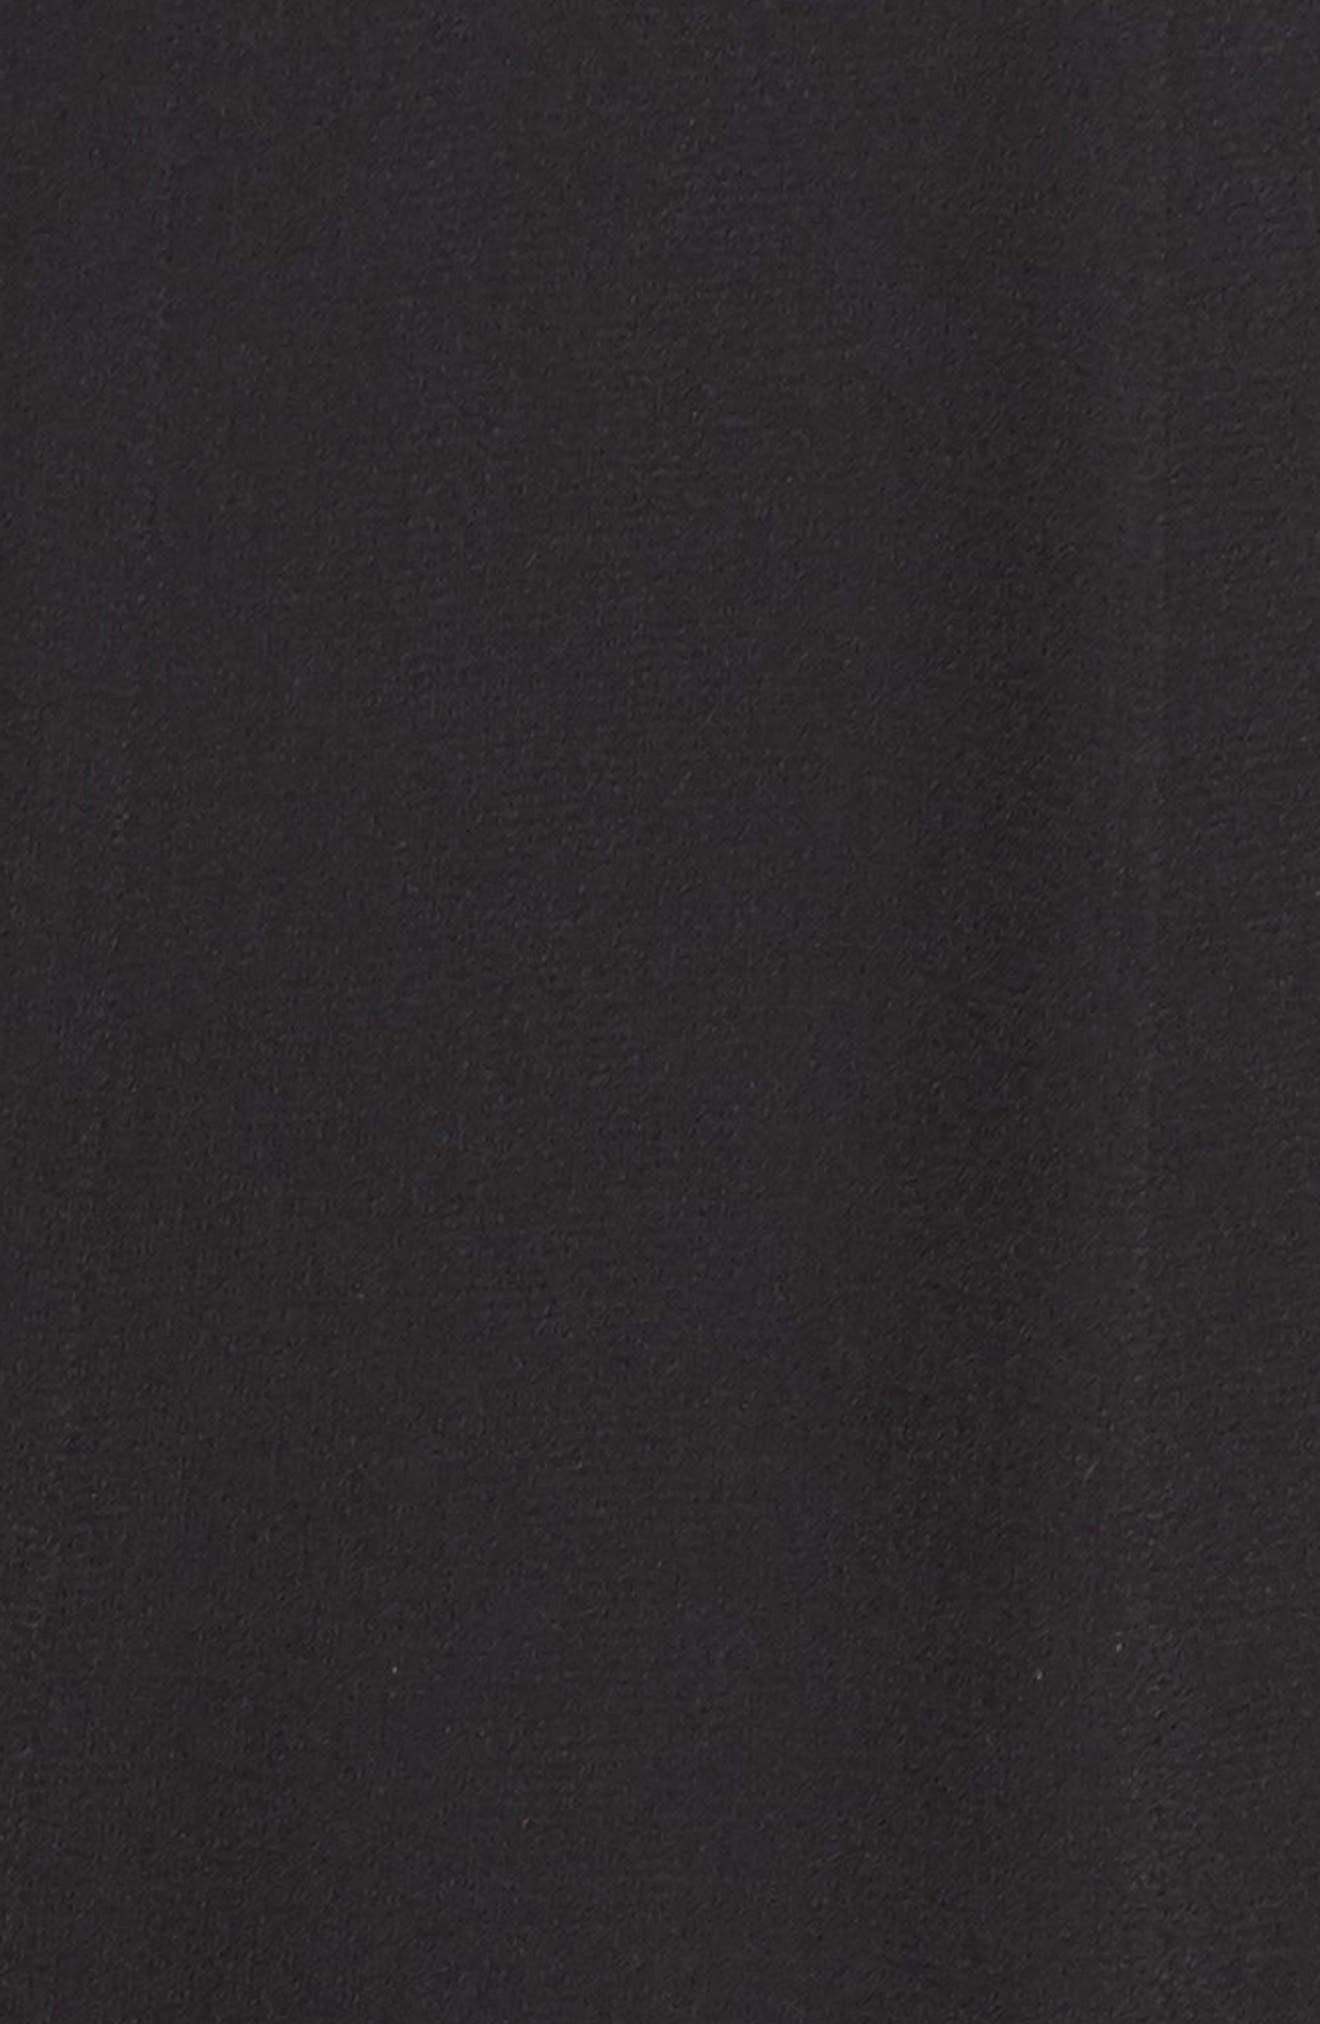 Moss One-Shoulder Jumpsuit,                             Alternate thumbnail 5, color,                             001